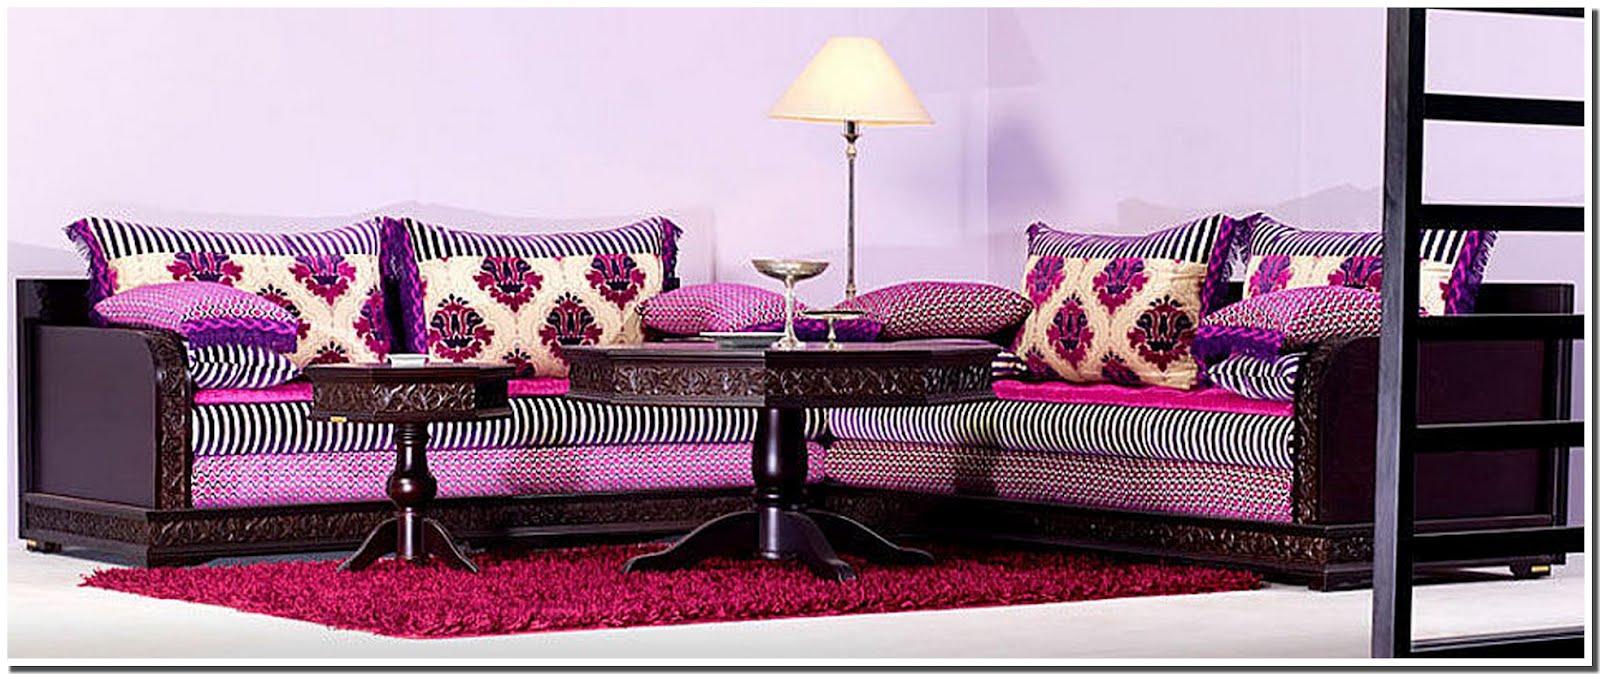 Nassima home salon marocain moderne seddari et ferrachyates couleurs vives for Salon marocain moderne nice